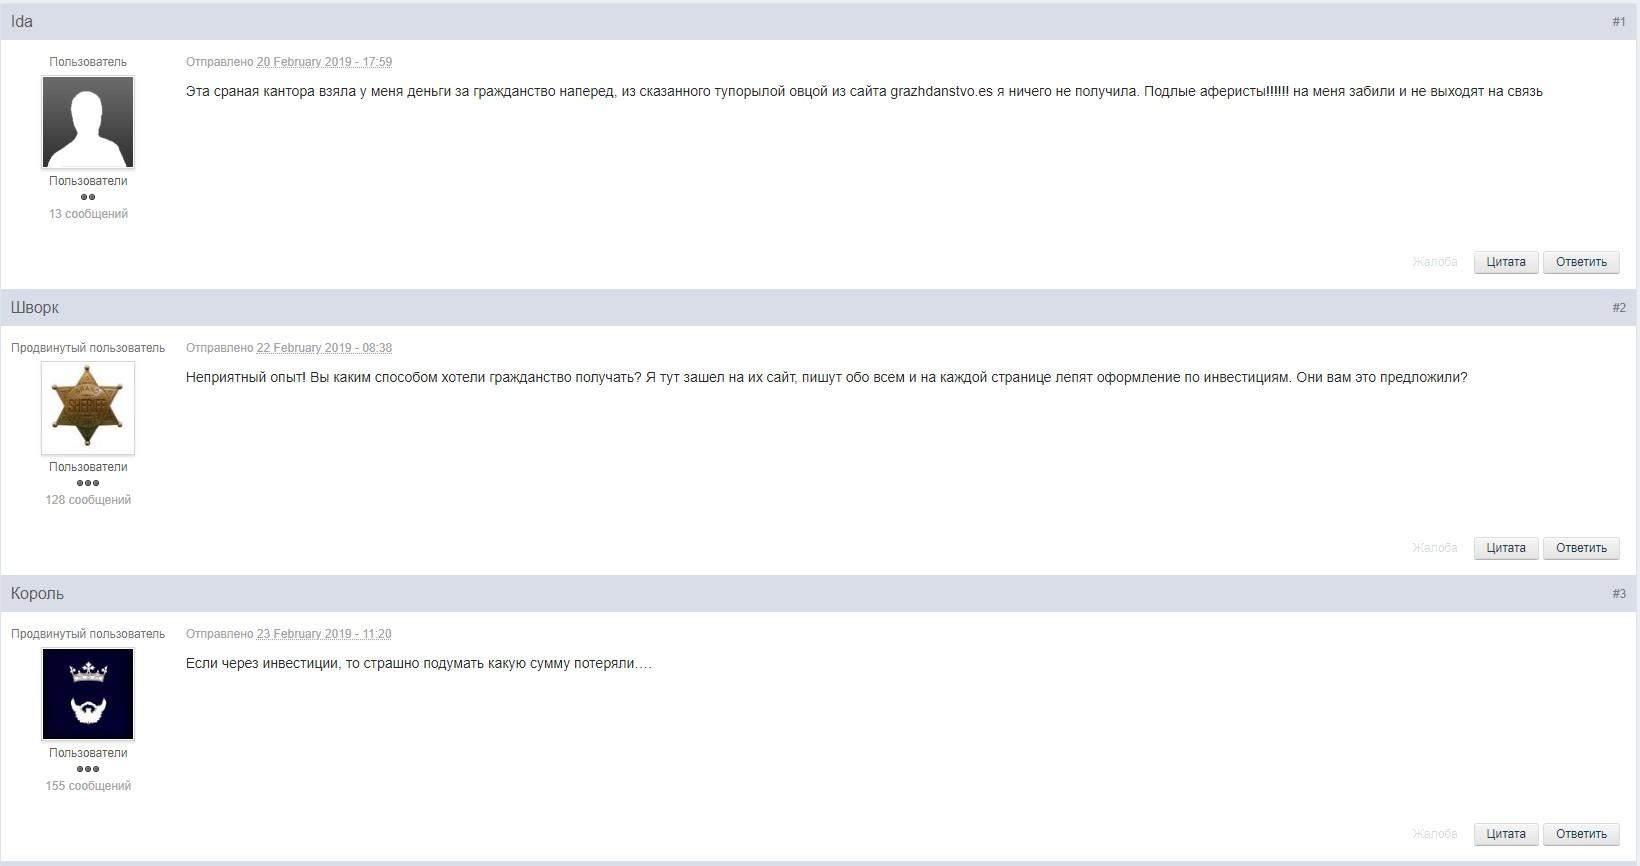 Отзыв о grazhdanstvo-es на forum-eu.com